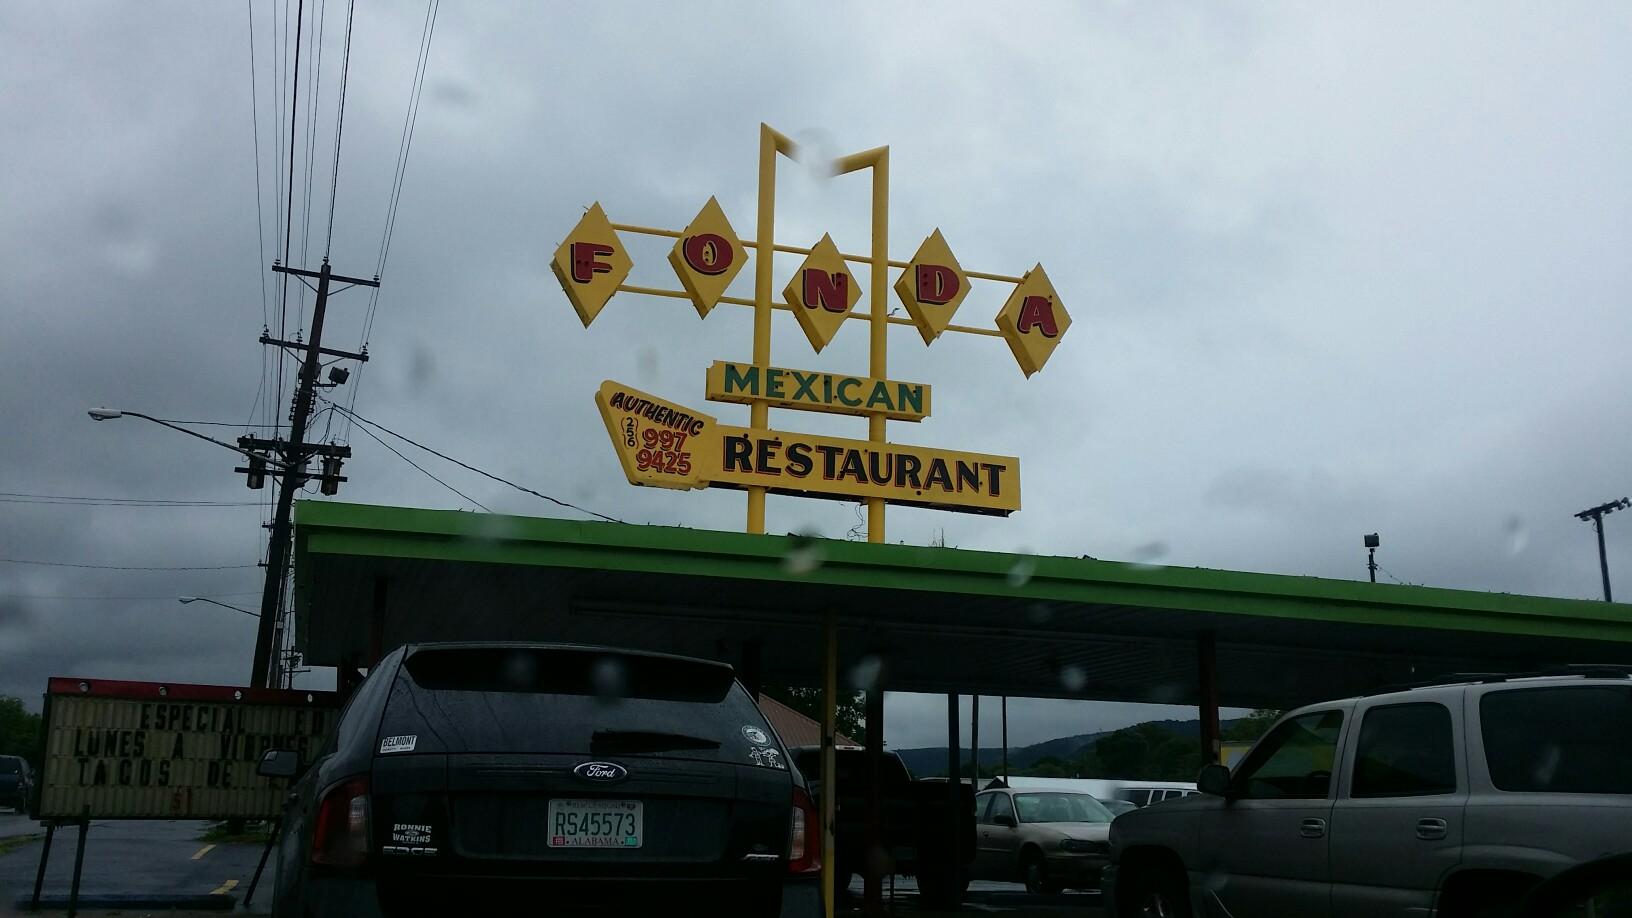 La Fonda Mexican Restaurant, Fort Payne AL